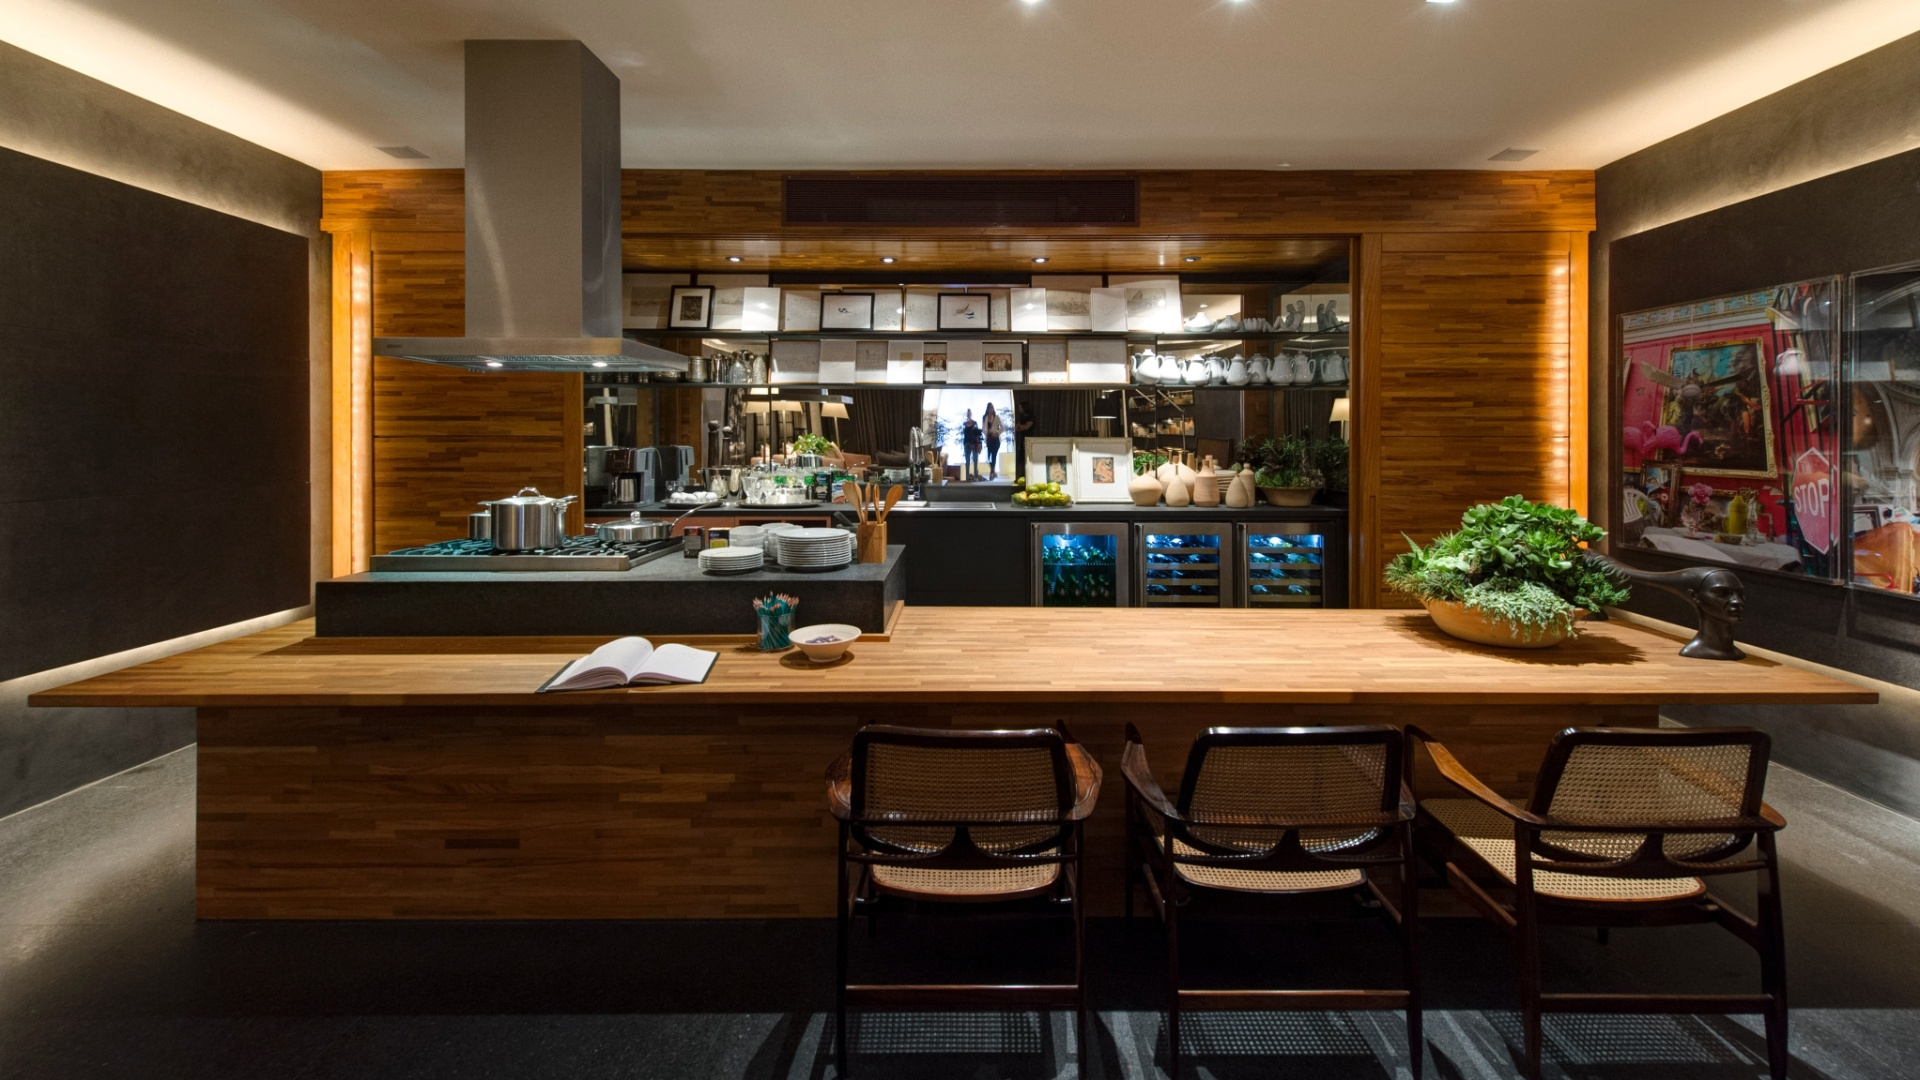 modelos de bancadas de madeira na cozinha 8 #A76924 1920x1080 Bancada Banheiro Teca